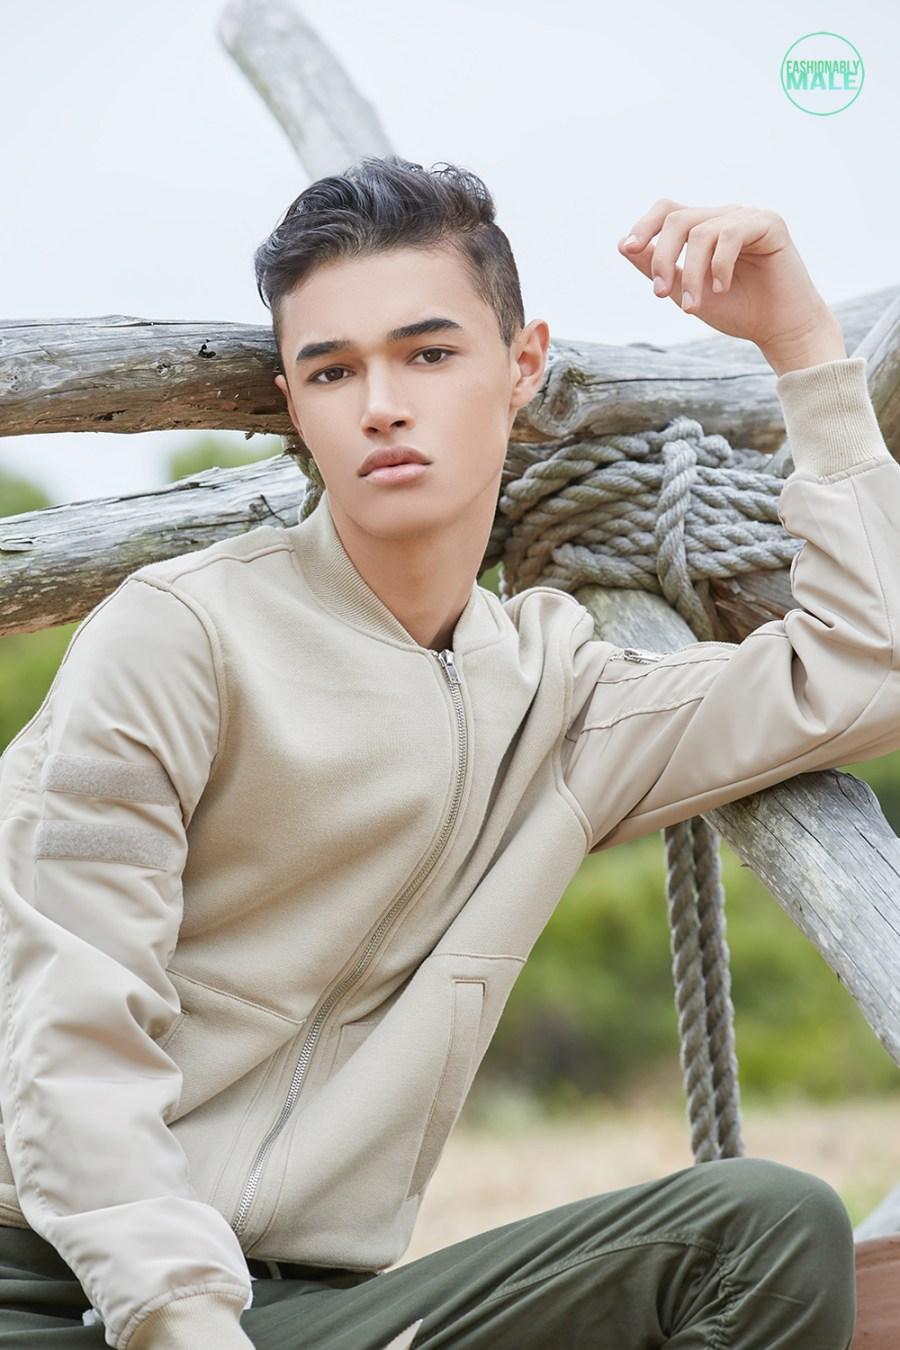 Seth McBride by Donato Di Natale for Fashionably Male3